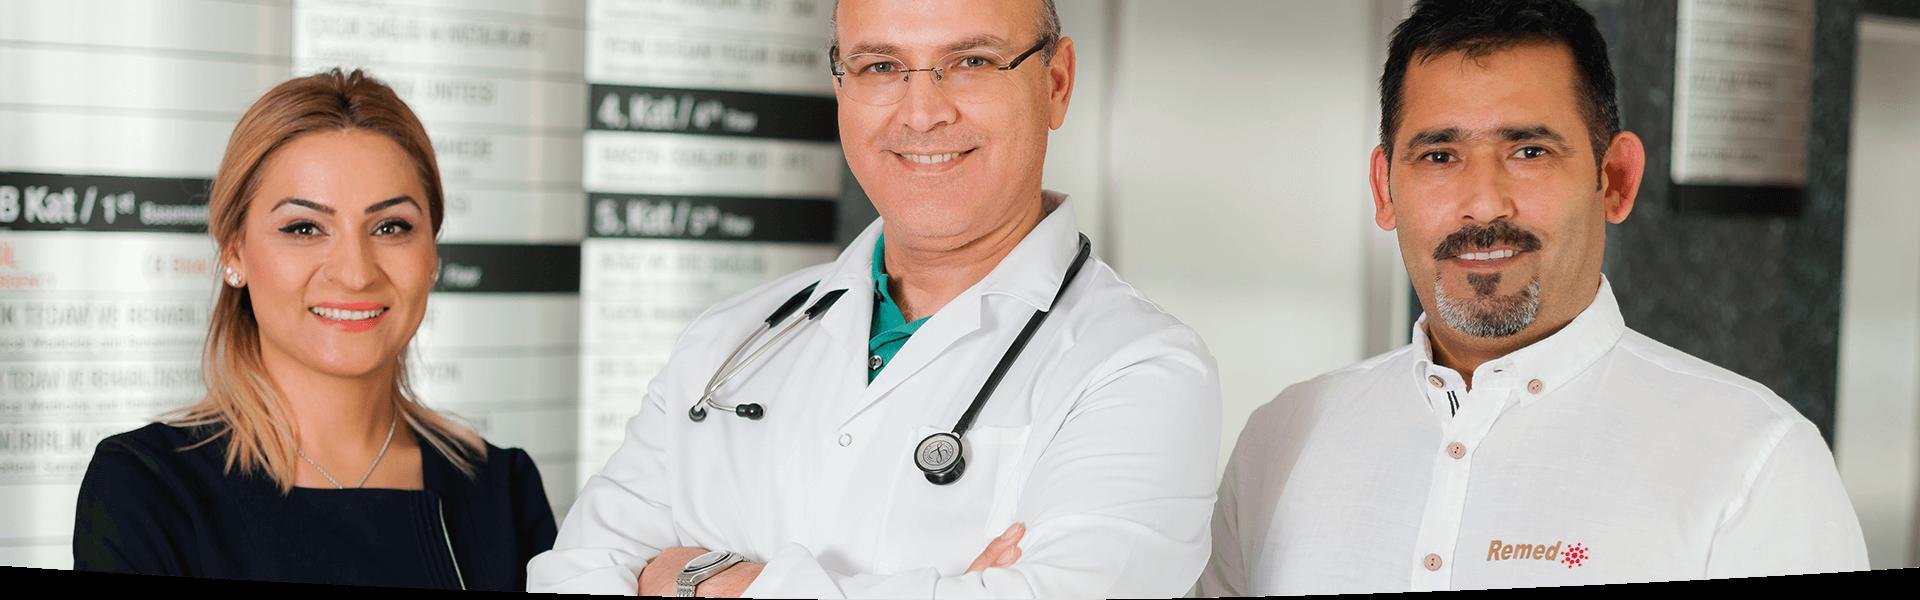 Лучшие врачи, лучшее медицинское обслуживание